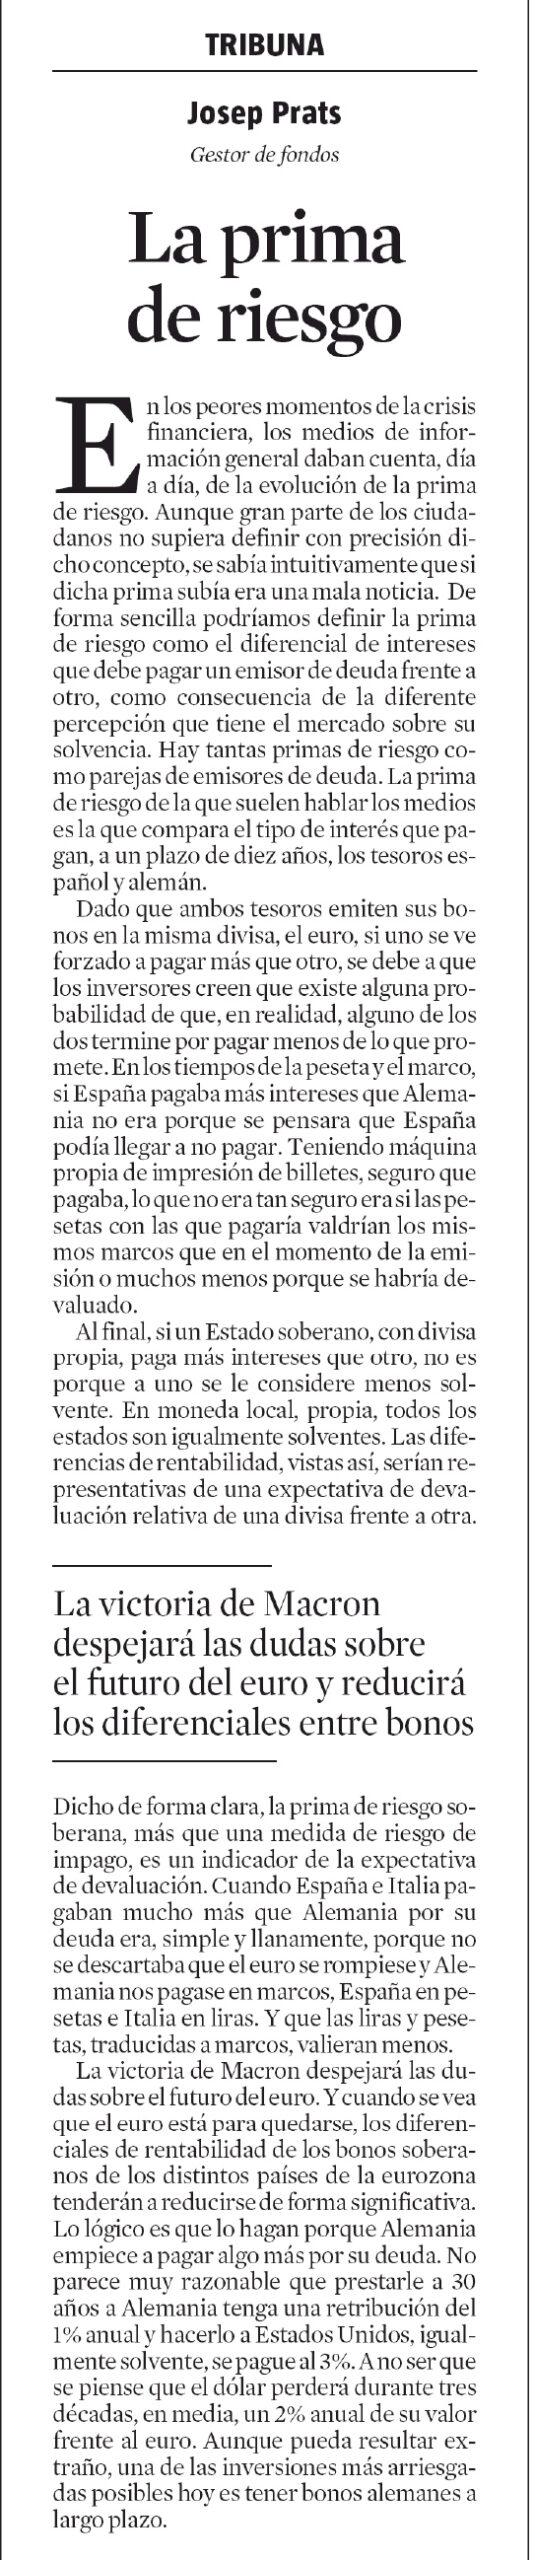 20170504 La Vanguardia Josep Prats prima de riesgo